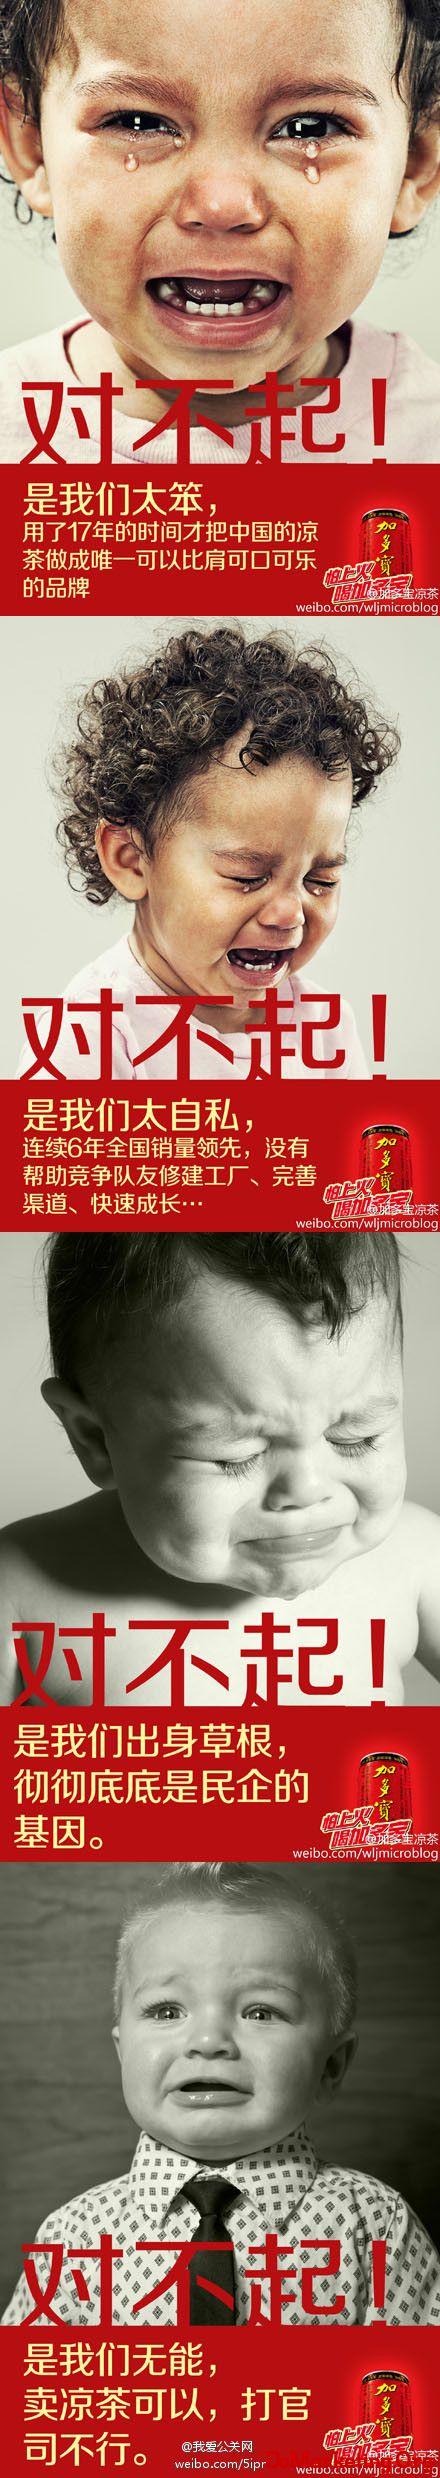 揭幕视觉悲情戏 加多宝凉茶营销两锤定民心梨子(Domarketing专稿) 发表于 2013-02-05 14:46:54点击: